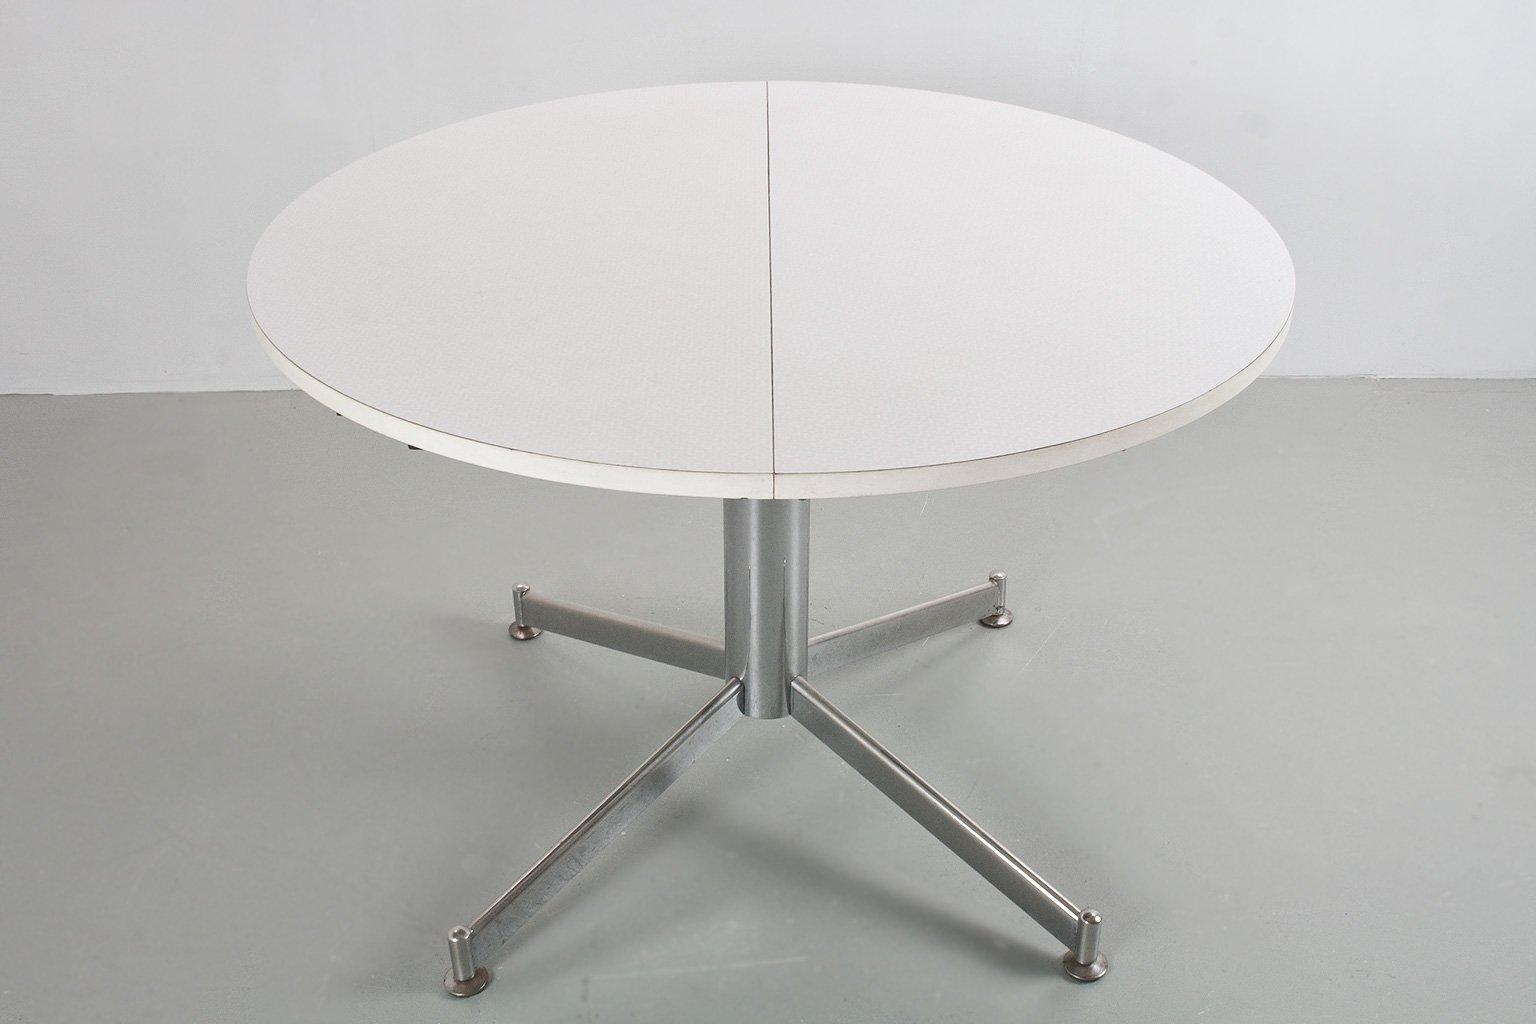 Tavolo da pranzo rotondo vintage allungabile in metallo e legno di formica in vendita su pamono - Tavolo pranzo rotondo allungabile ...